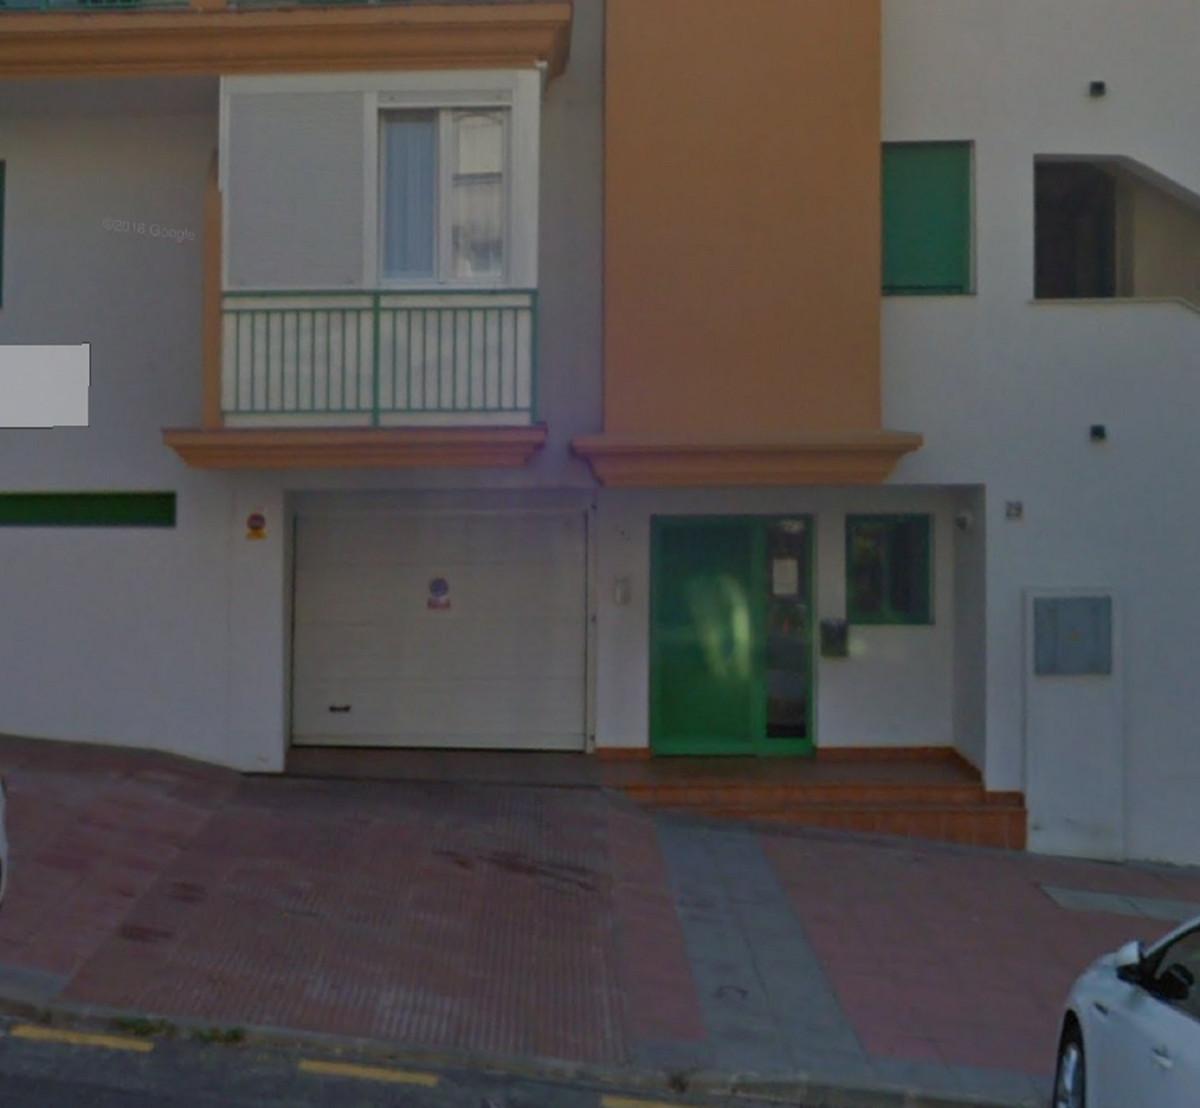 New Development in Estepona, Costa del Sol